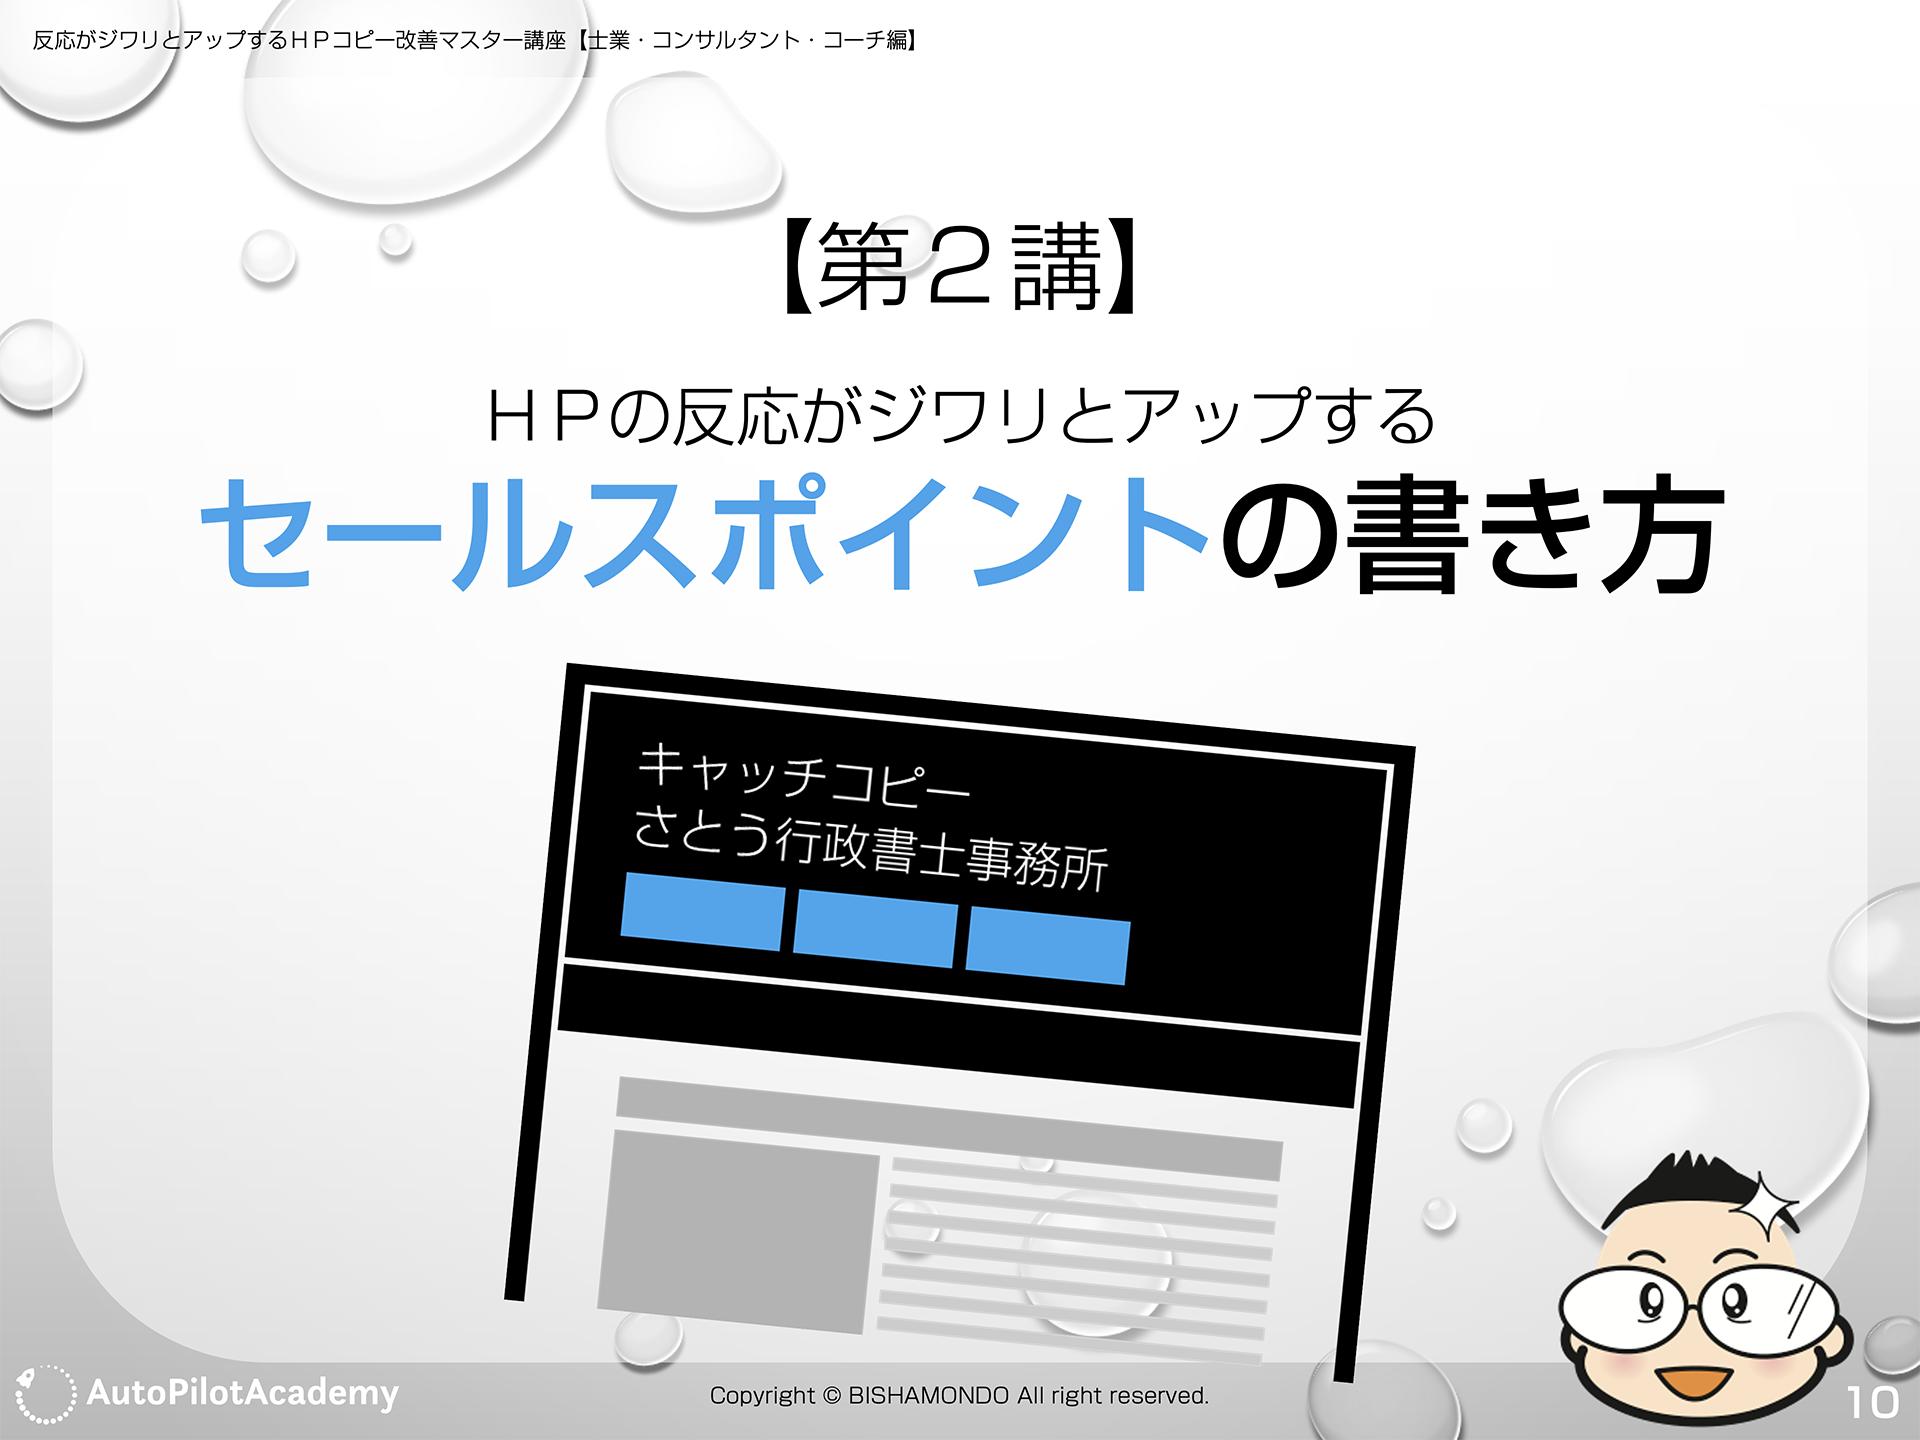 【第2講】HPの反応がジワリとアップするセールスポイントの書き方